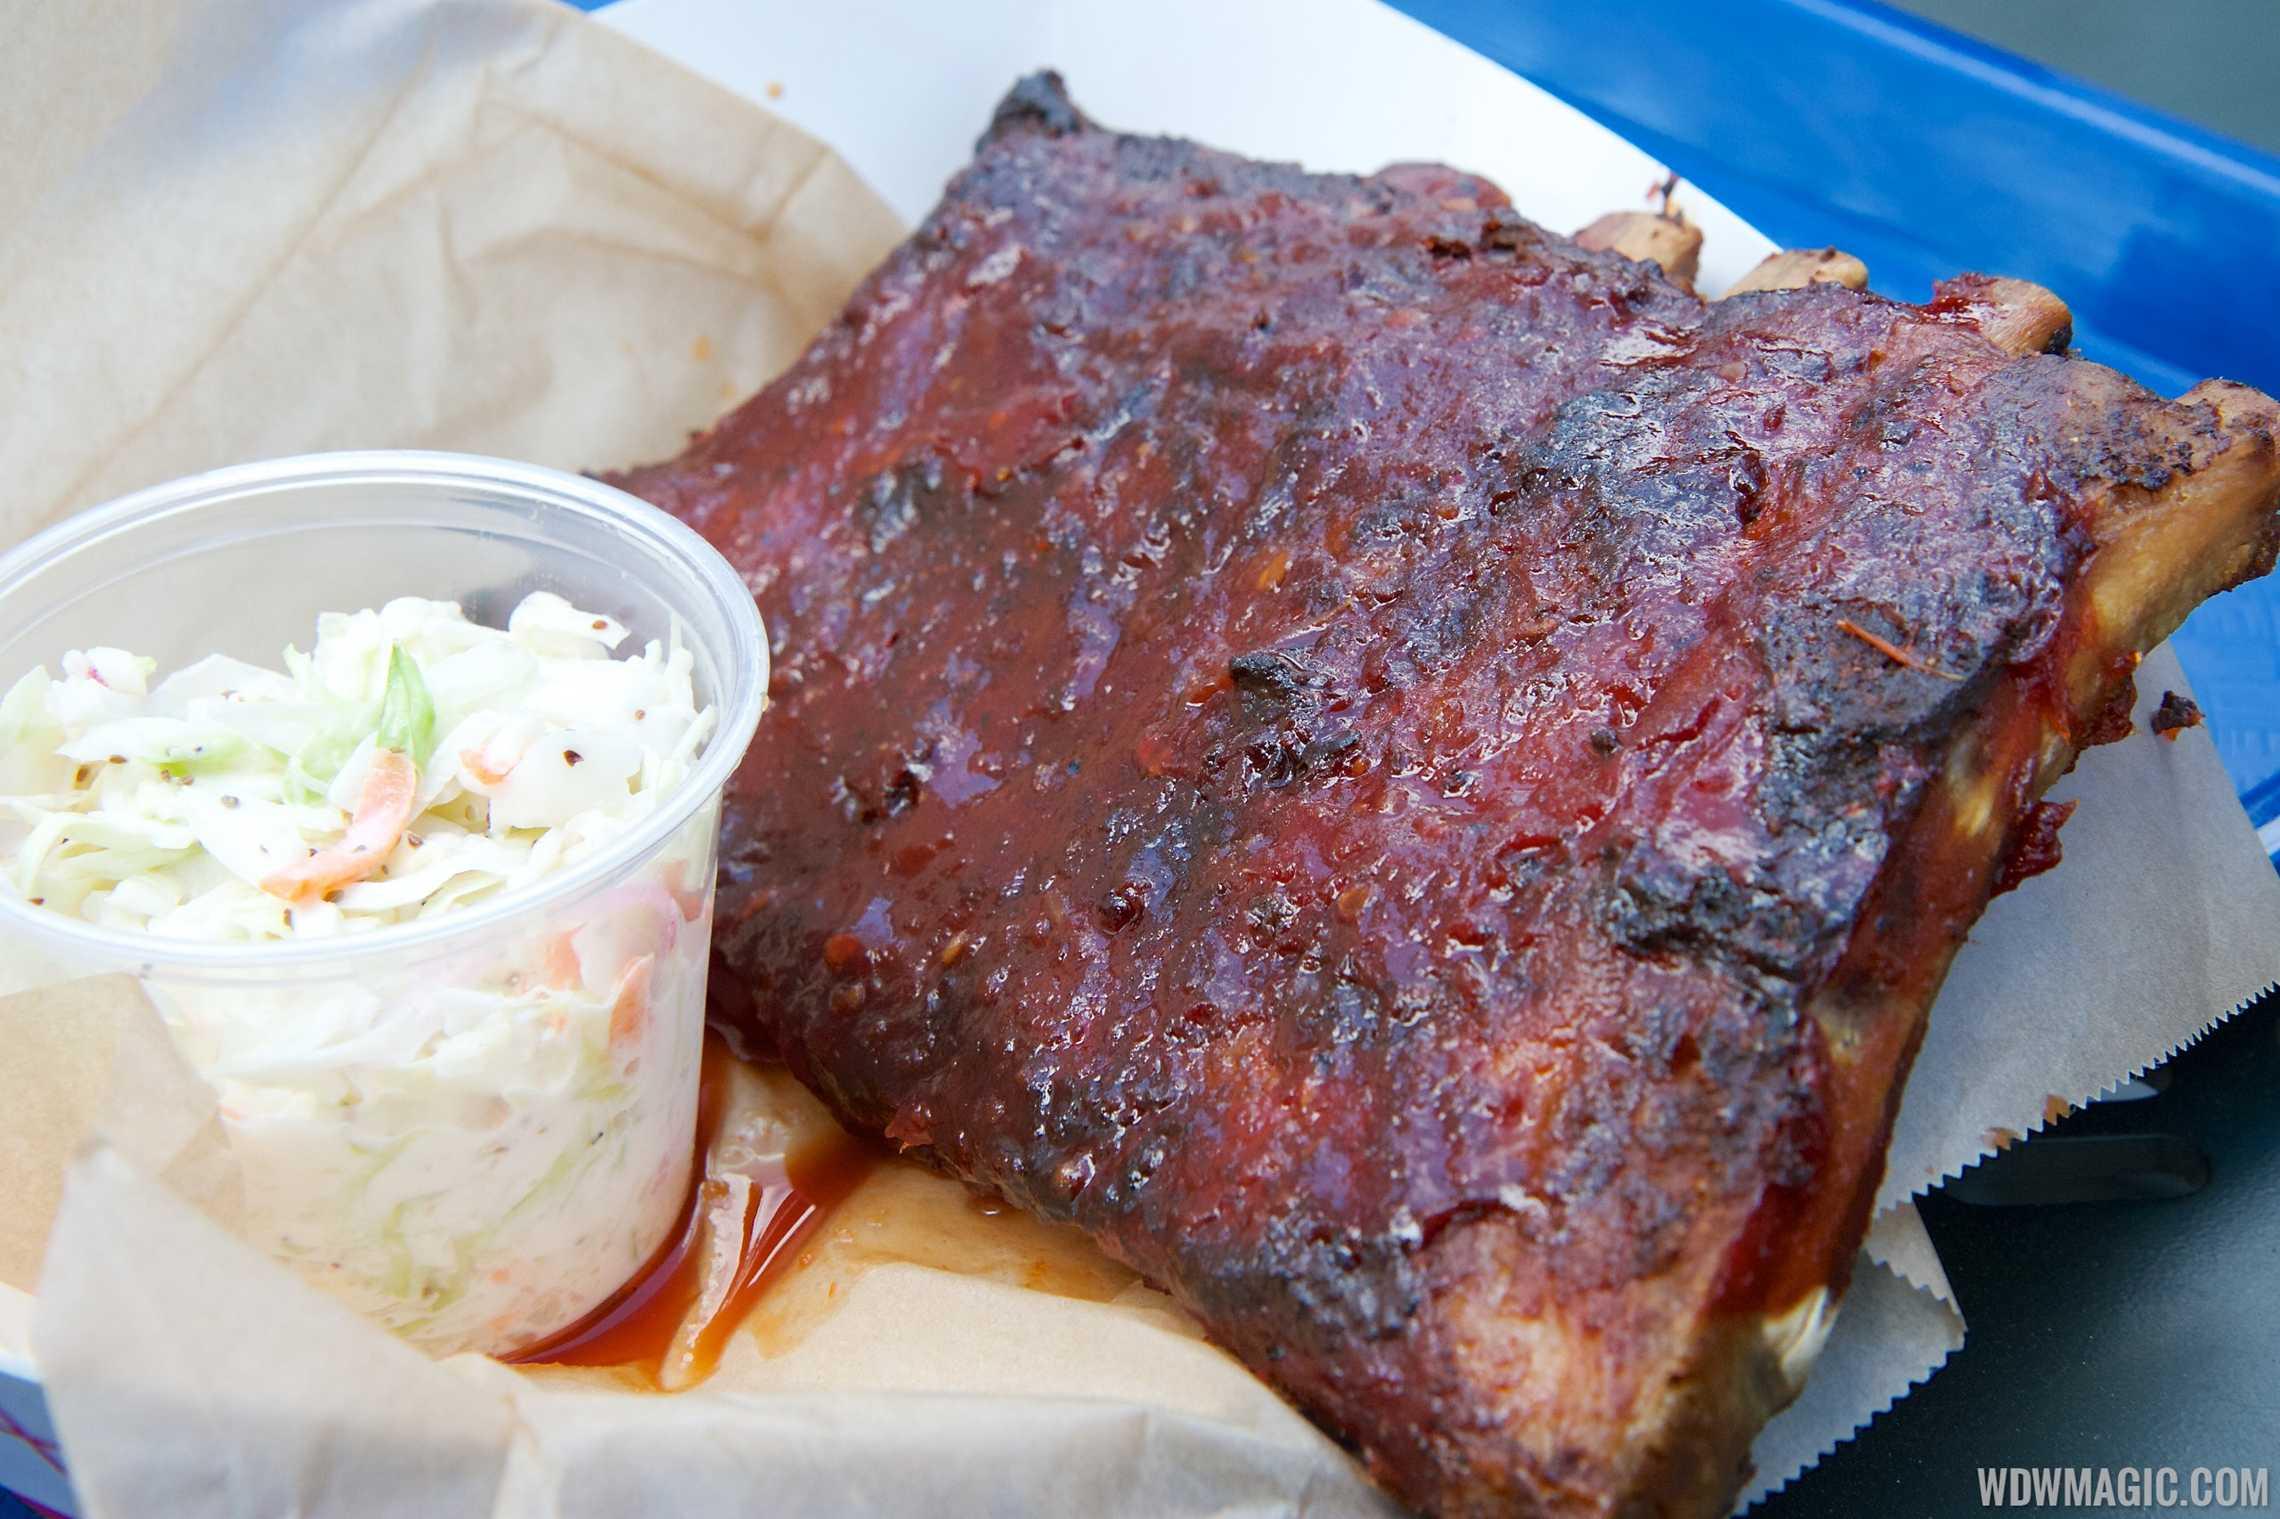 The Smokehouse - Half rack of ribs